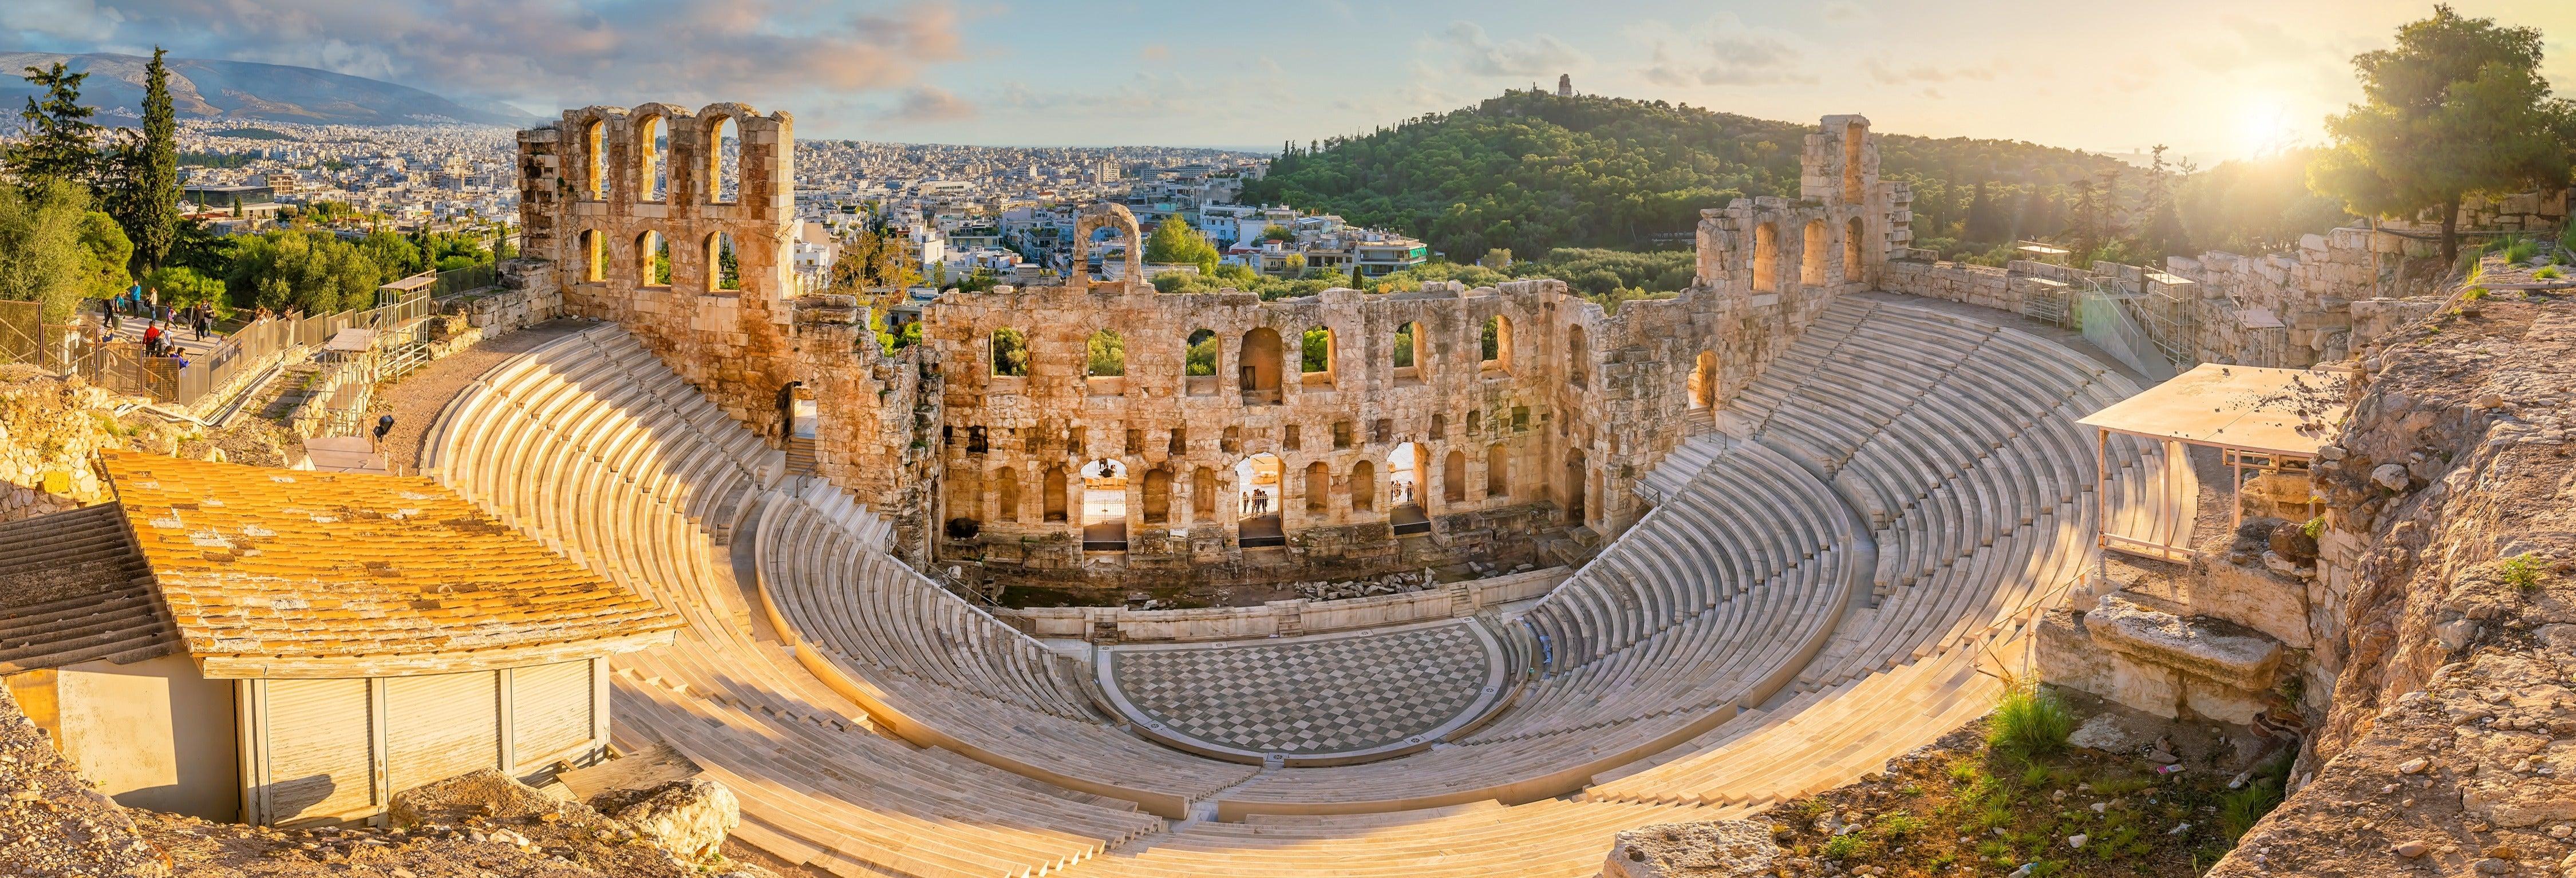 Tour di Atene e visita dell'Acropoli